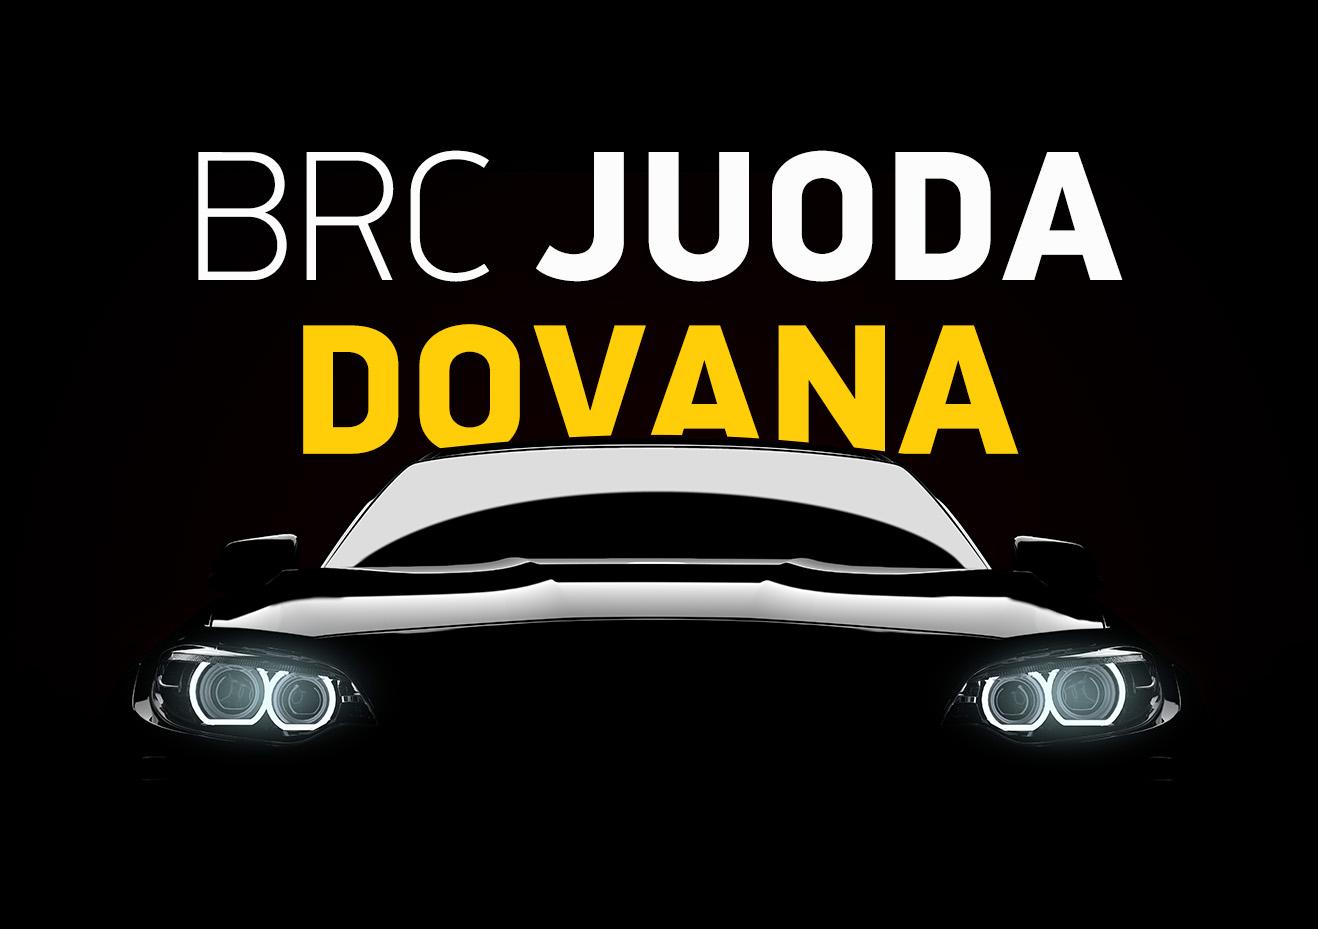 BRC JUODA DOVANA